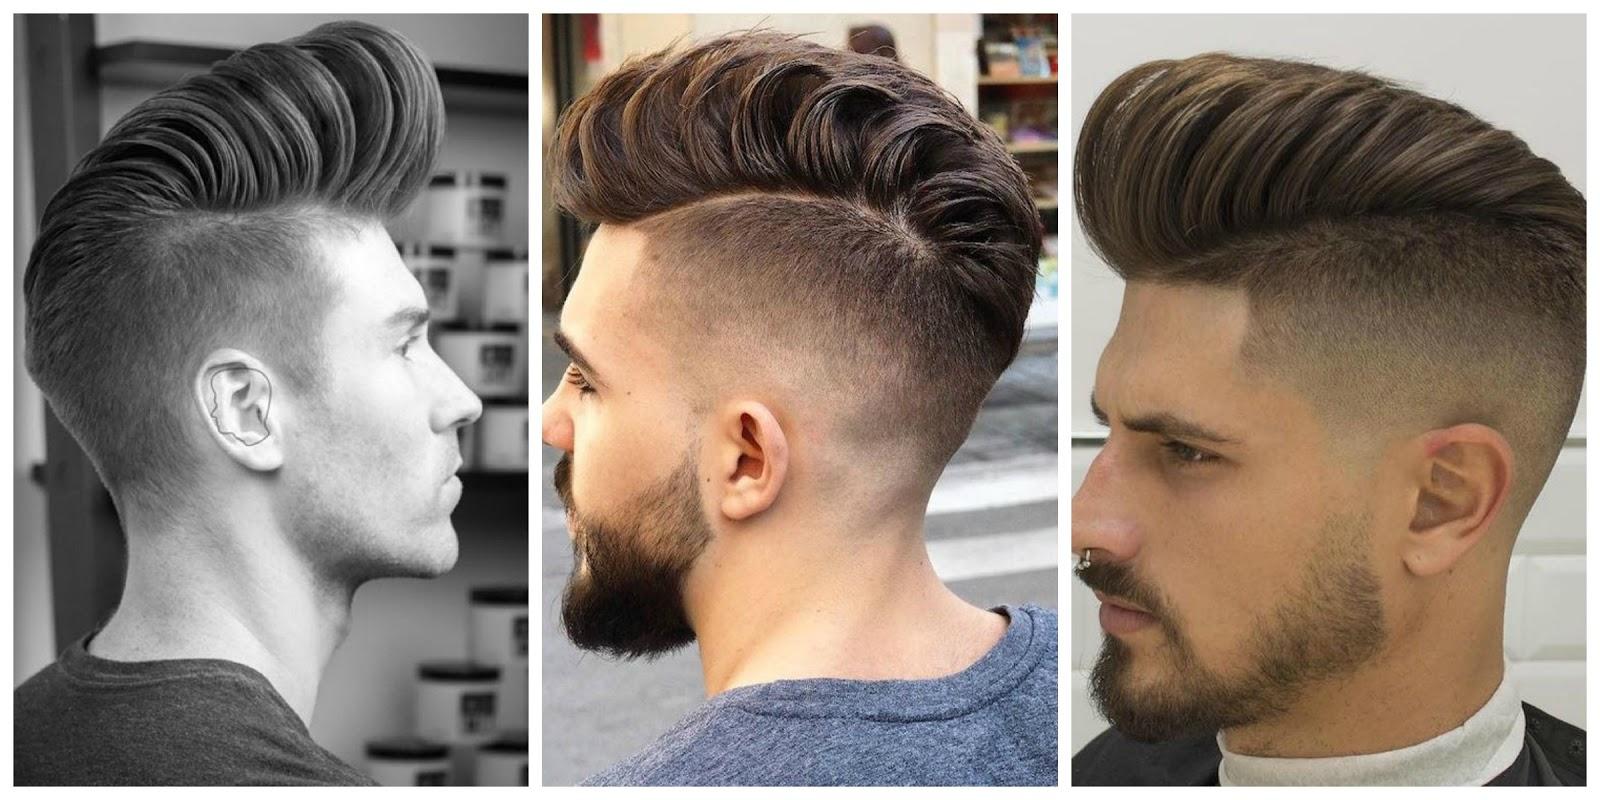 Lo mejor en cortes y peinados para hombre 2016 haircuts and hairstyles